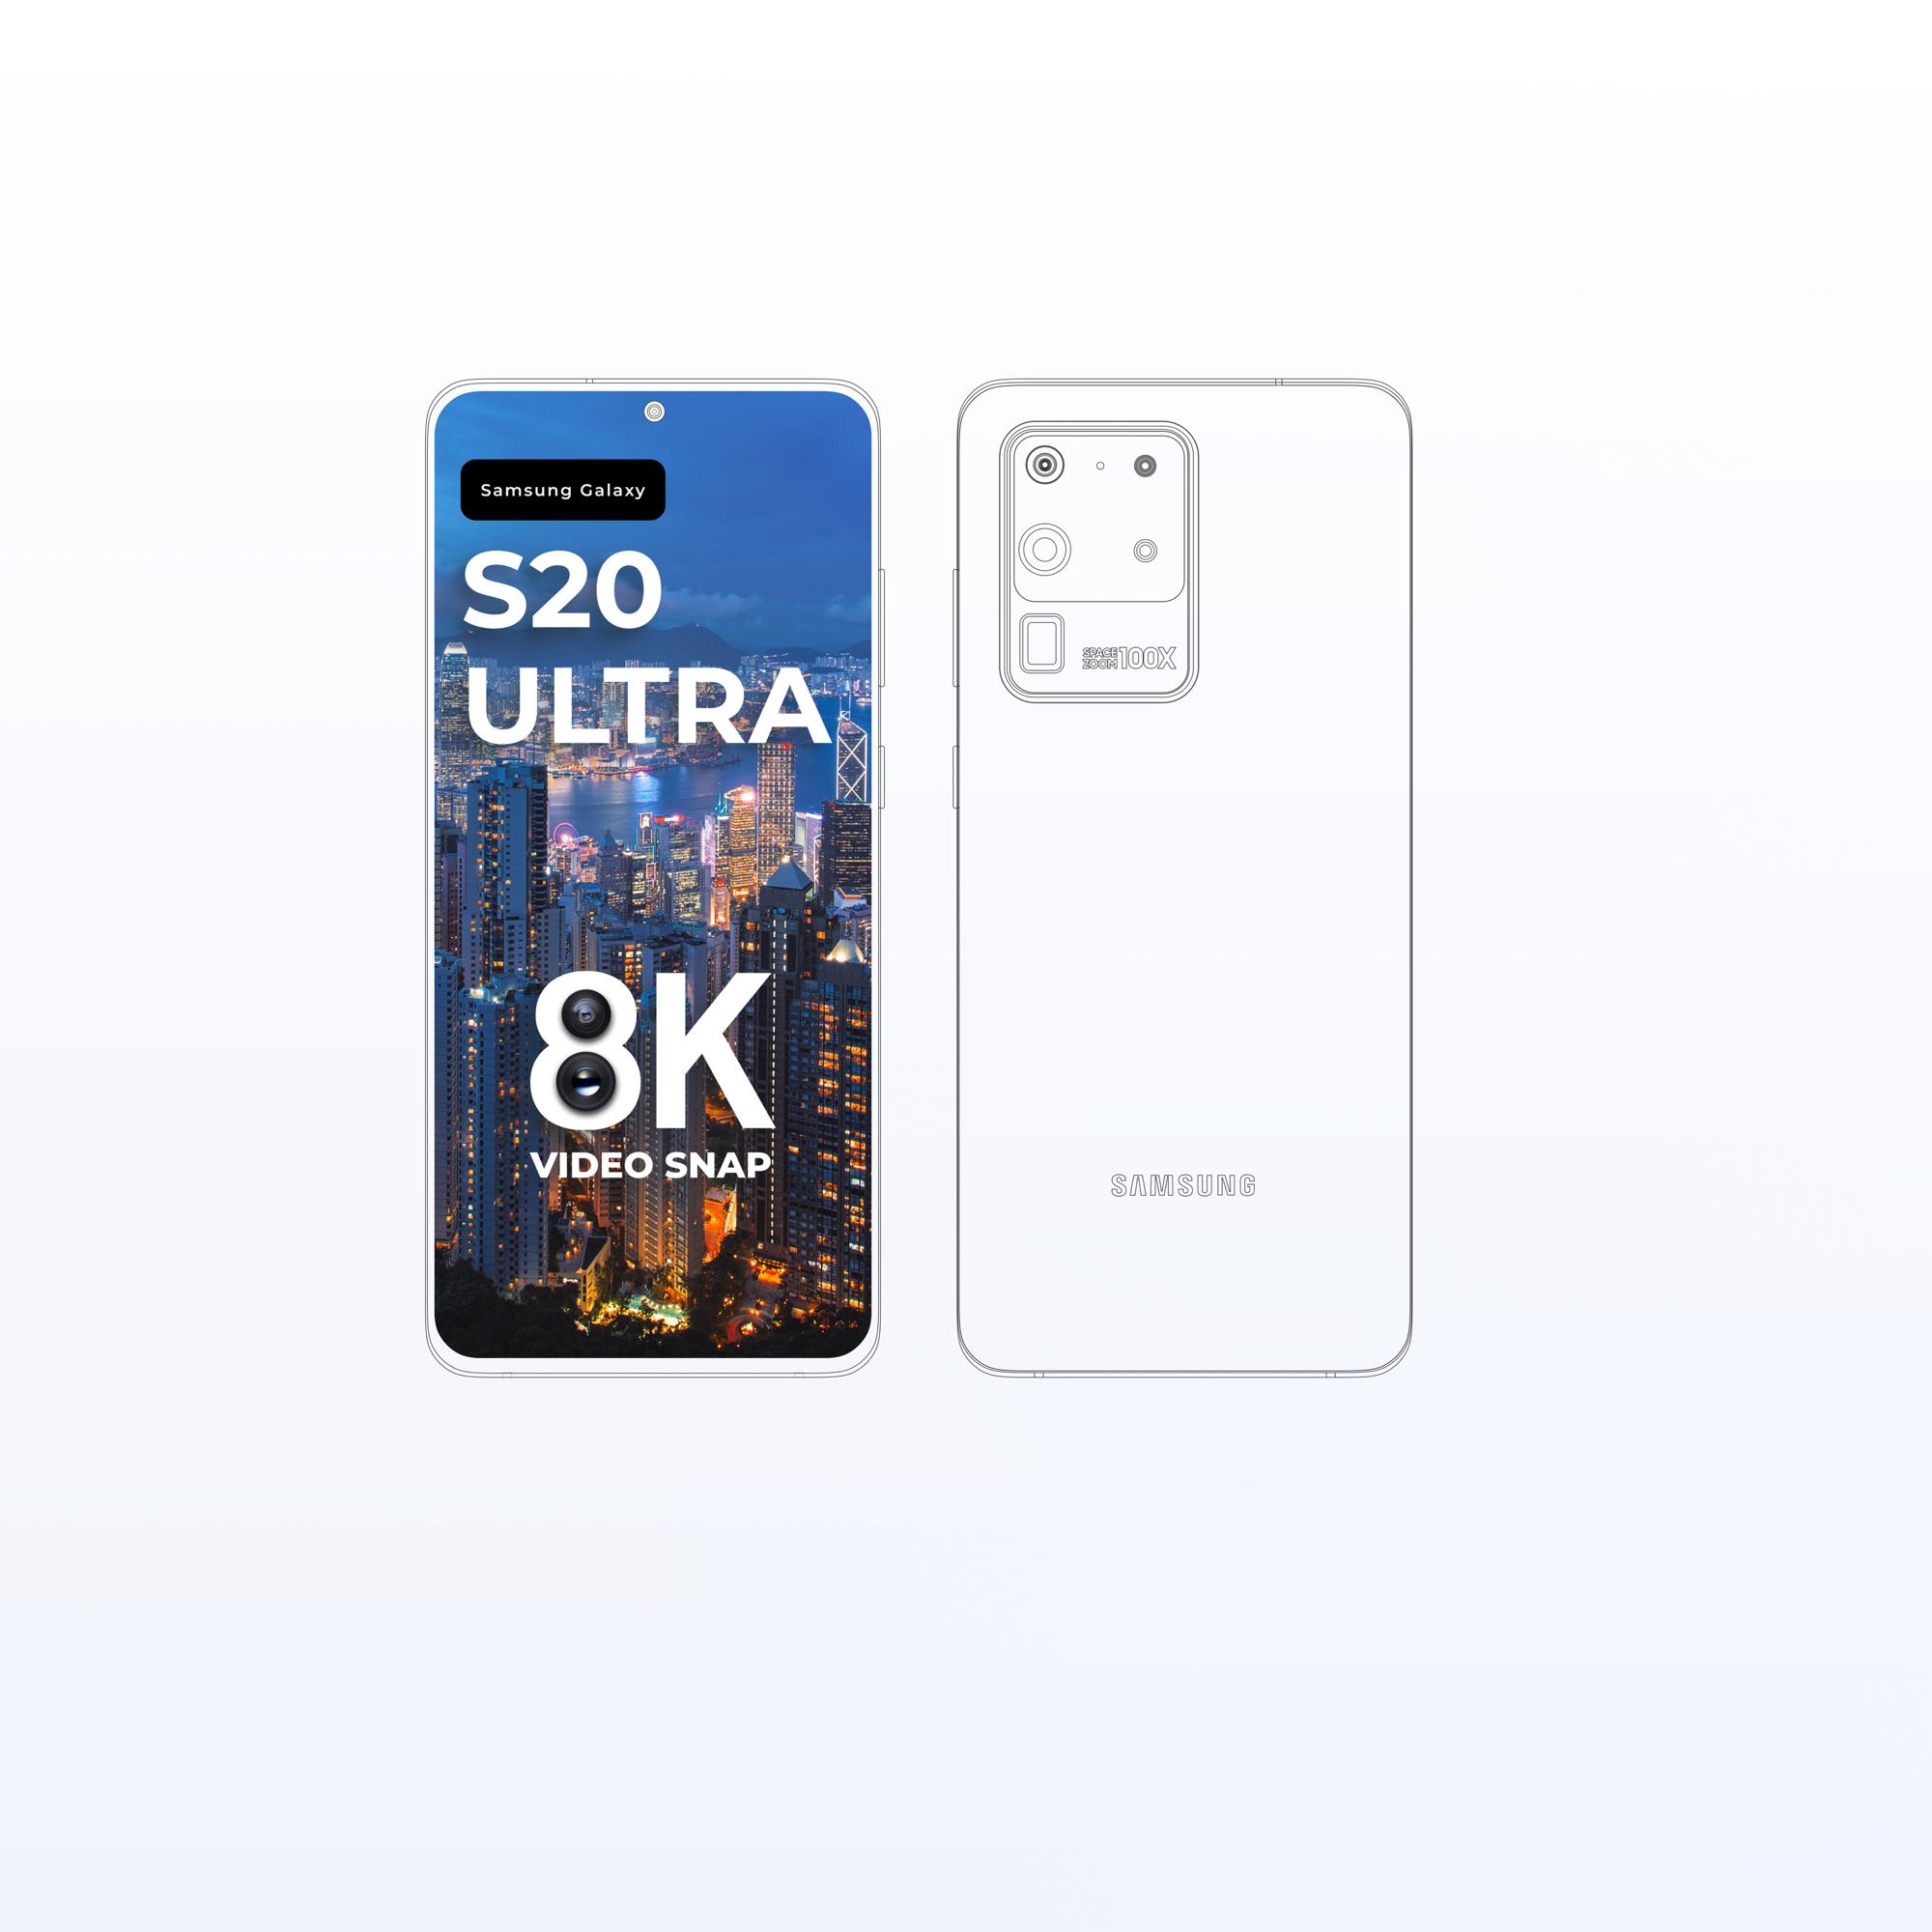 三星Galaxy S20 Ultra手机样机插图3